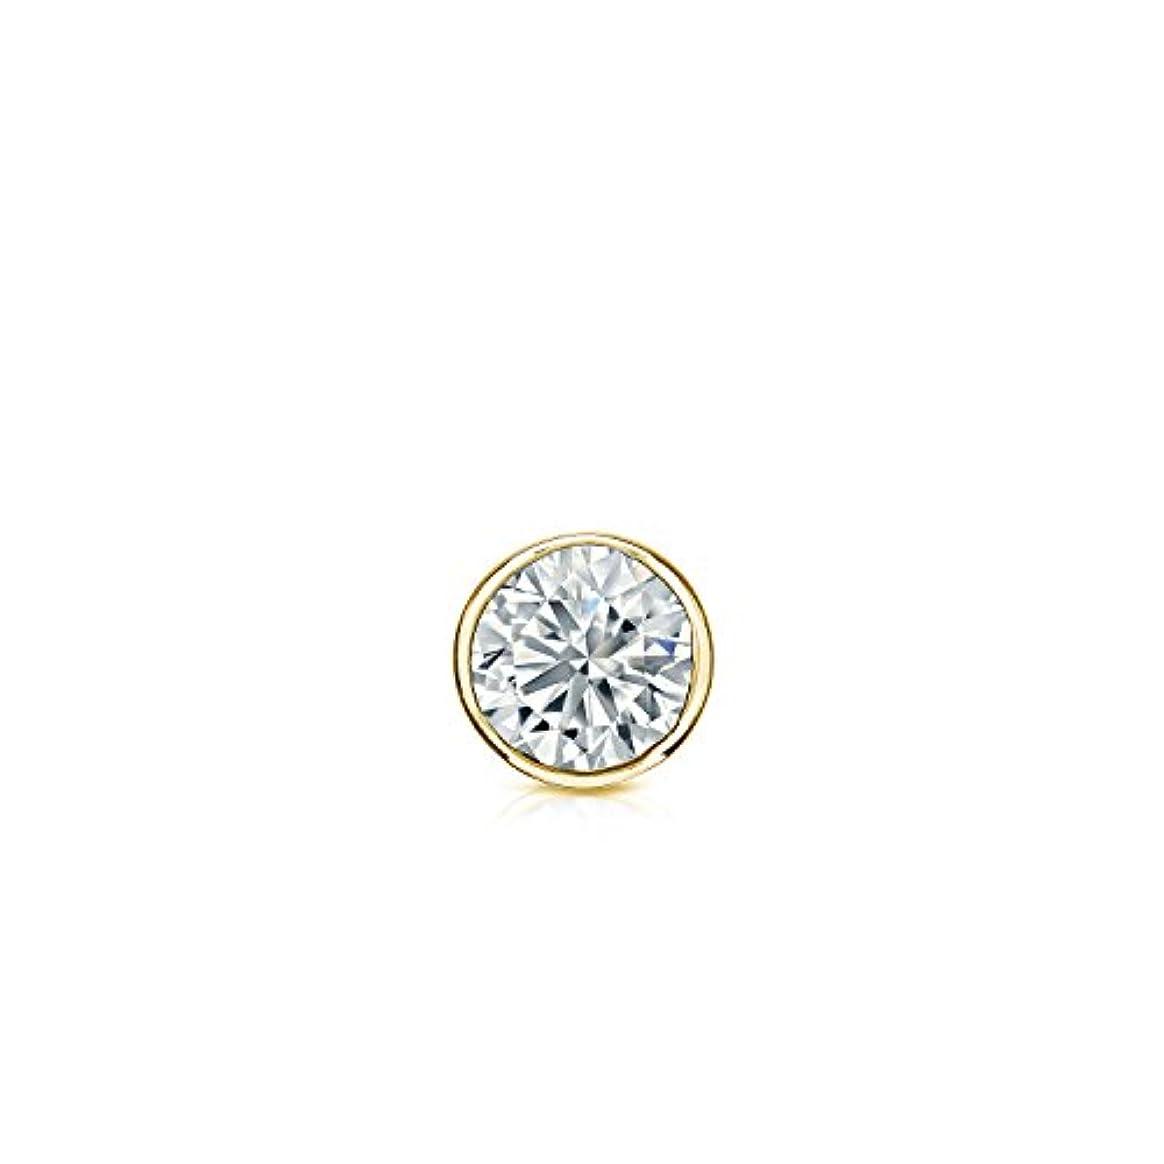 物理オートマトン伝導率18 Kゴールドbezel-setラウンドダイヤモンドシングルスタッドイヤリング( 0.08ct、ホワイト、vs2-si1 ) screw-back